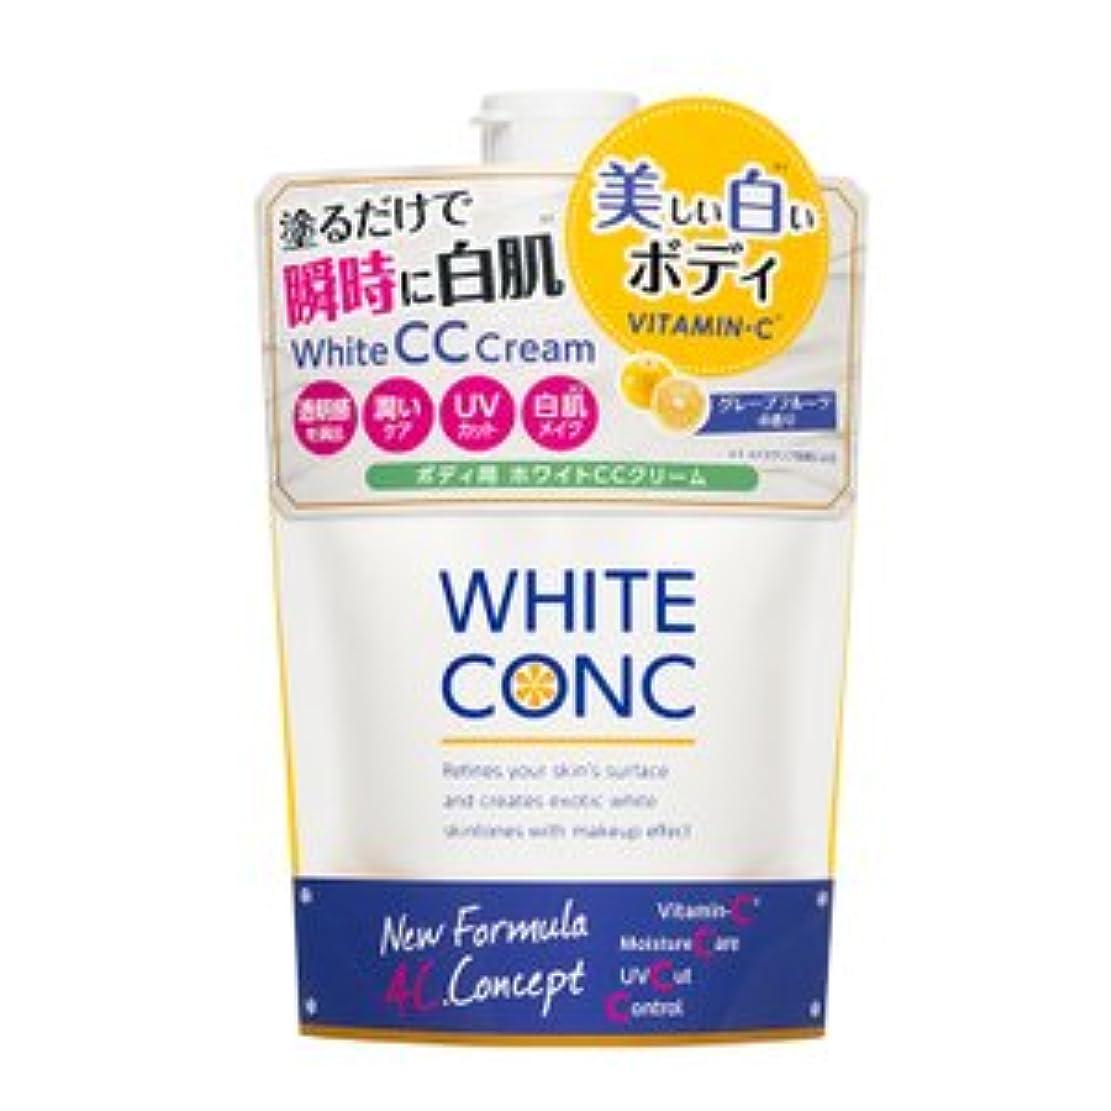 暫定のスピリチュアル通信する薬用ホワイトコンクホワイトCCクリーム 200g